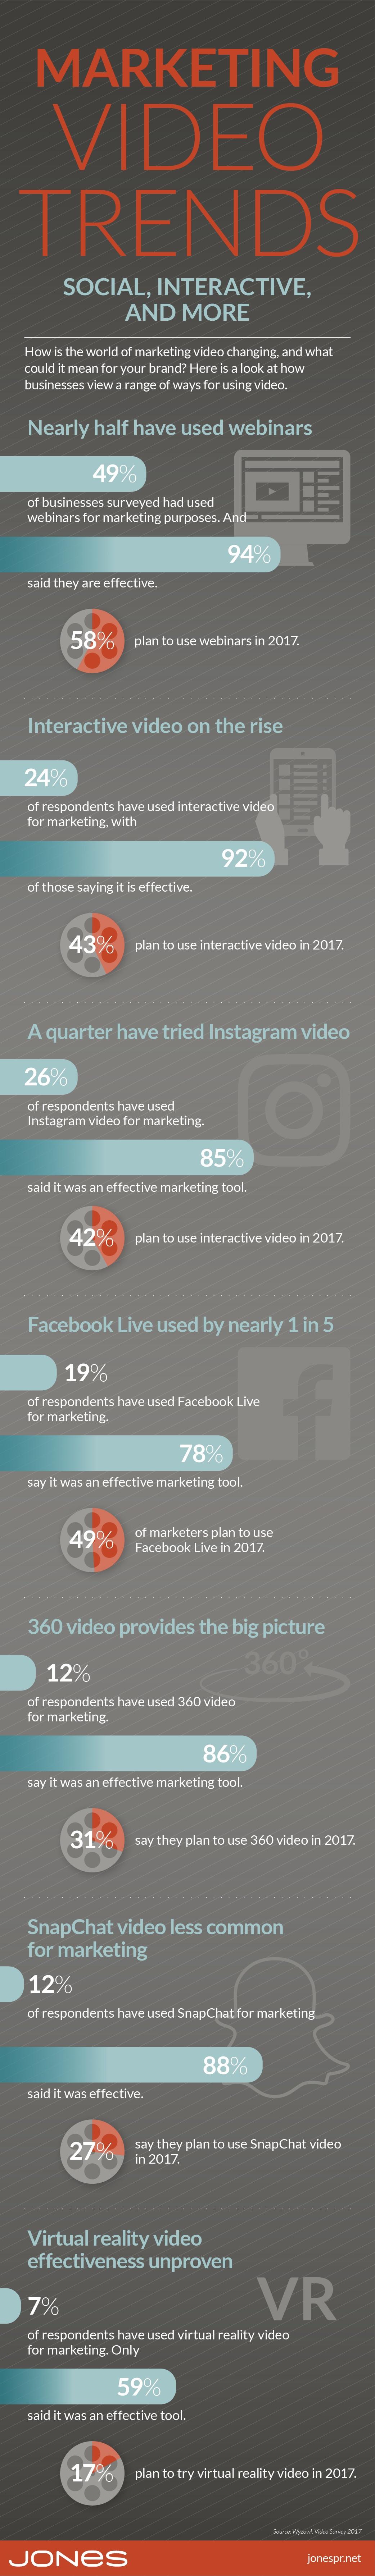 jones-infographic-marketing-video-trends.jpg